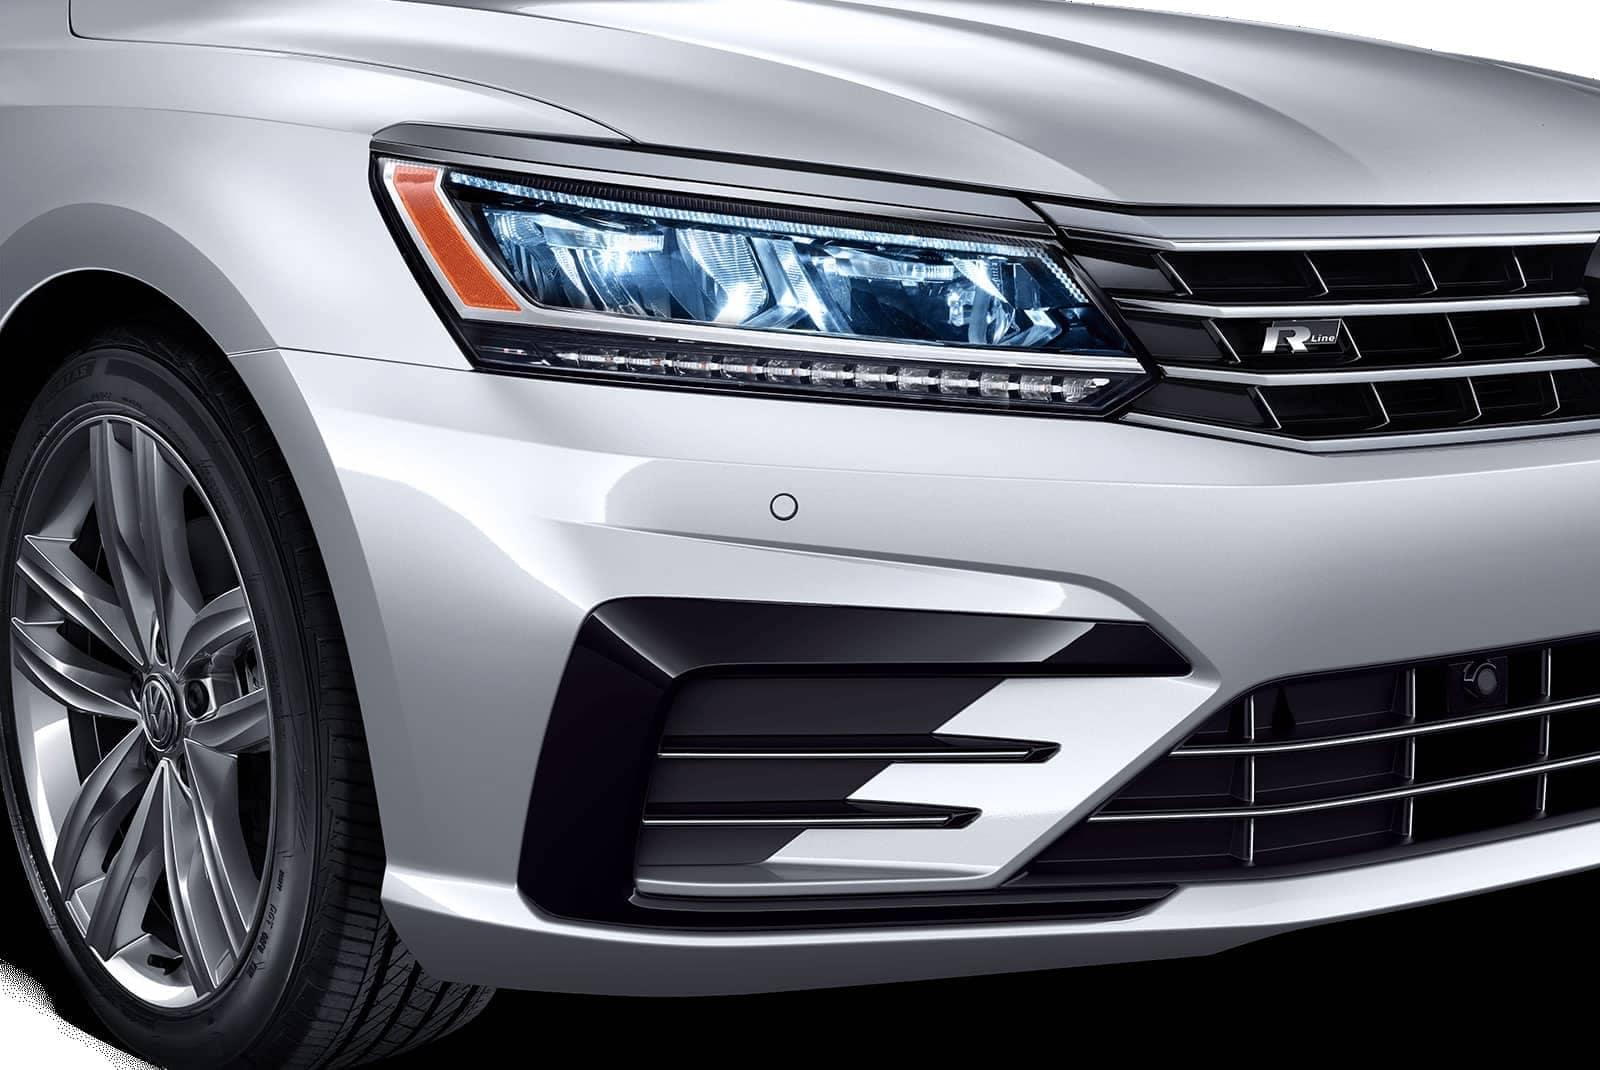 2019-Volkswagen-Passat-front